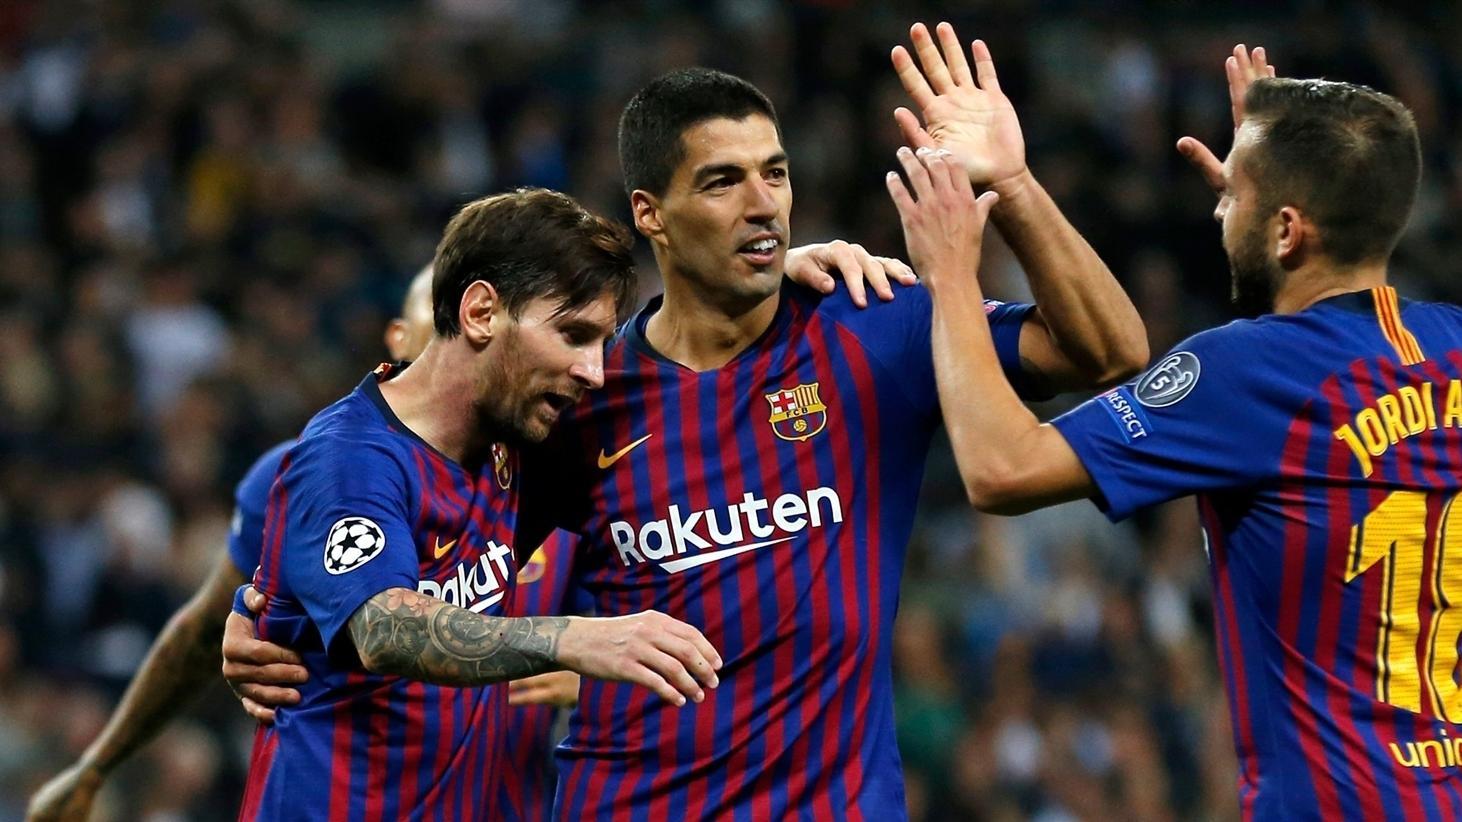 Los equipos esperan la reanudación del futbol en el mundo